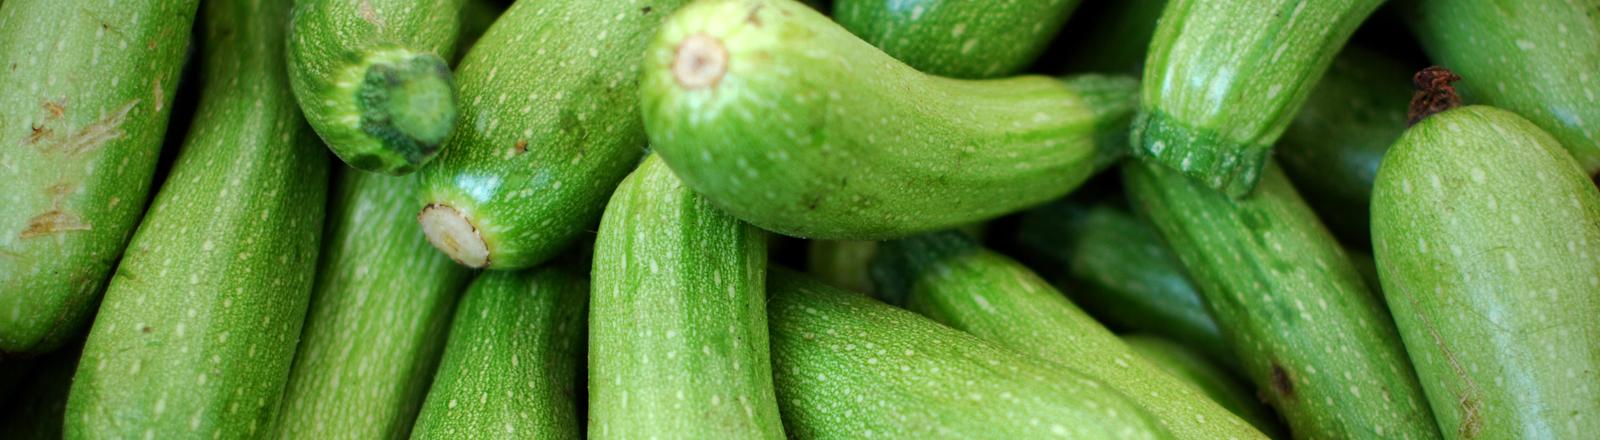 Viele Zucchinis nebeneinander.